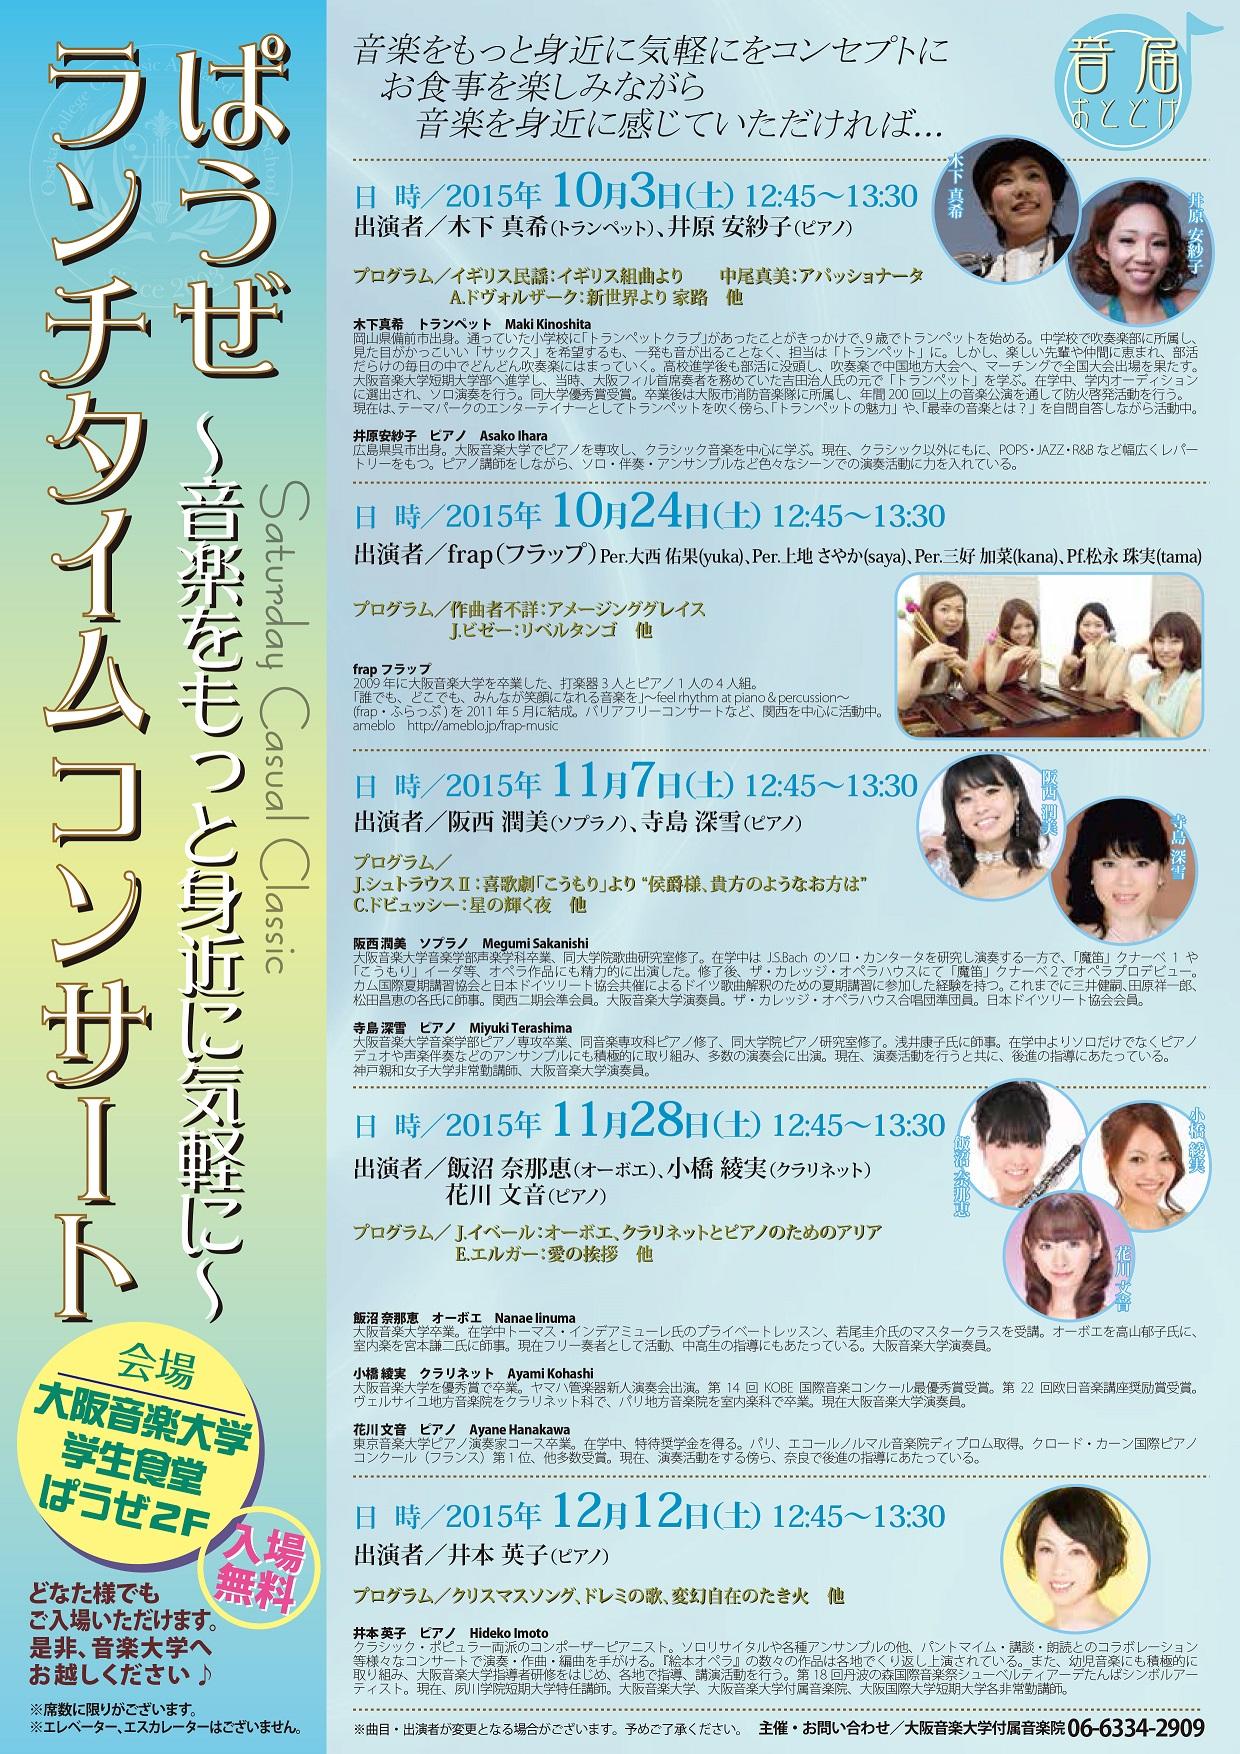 ぱうぜランチライムコンサート2015年10月期